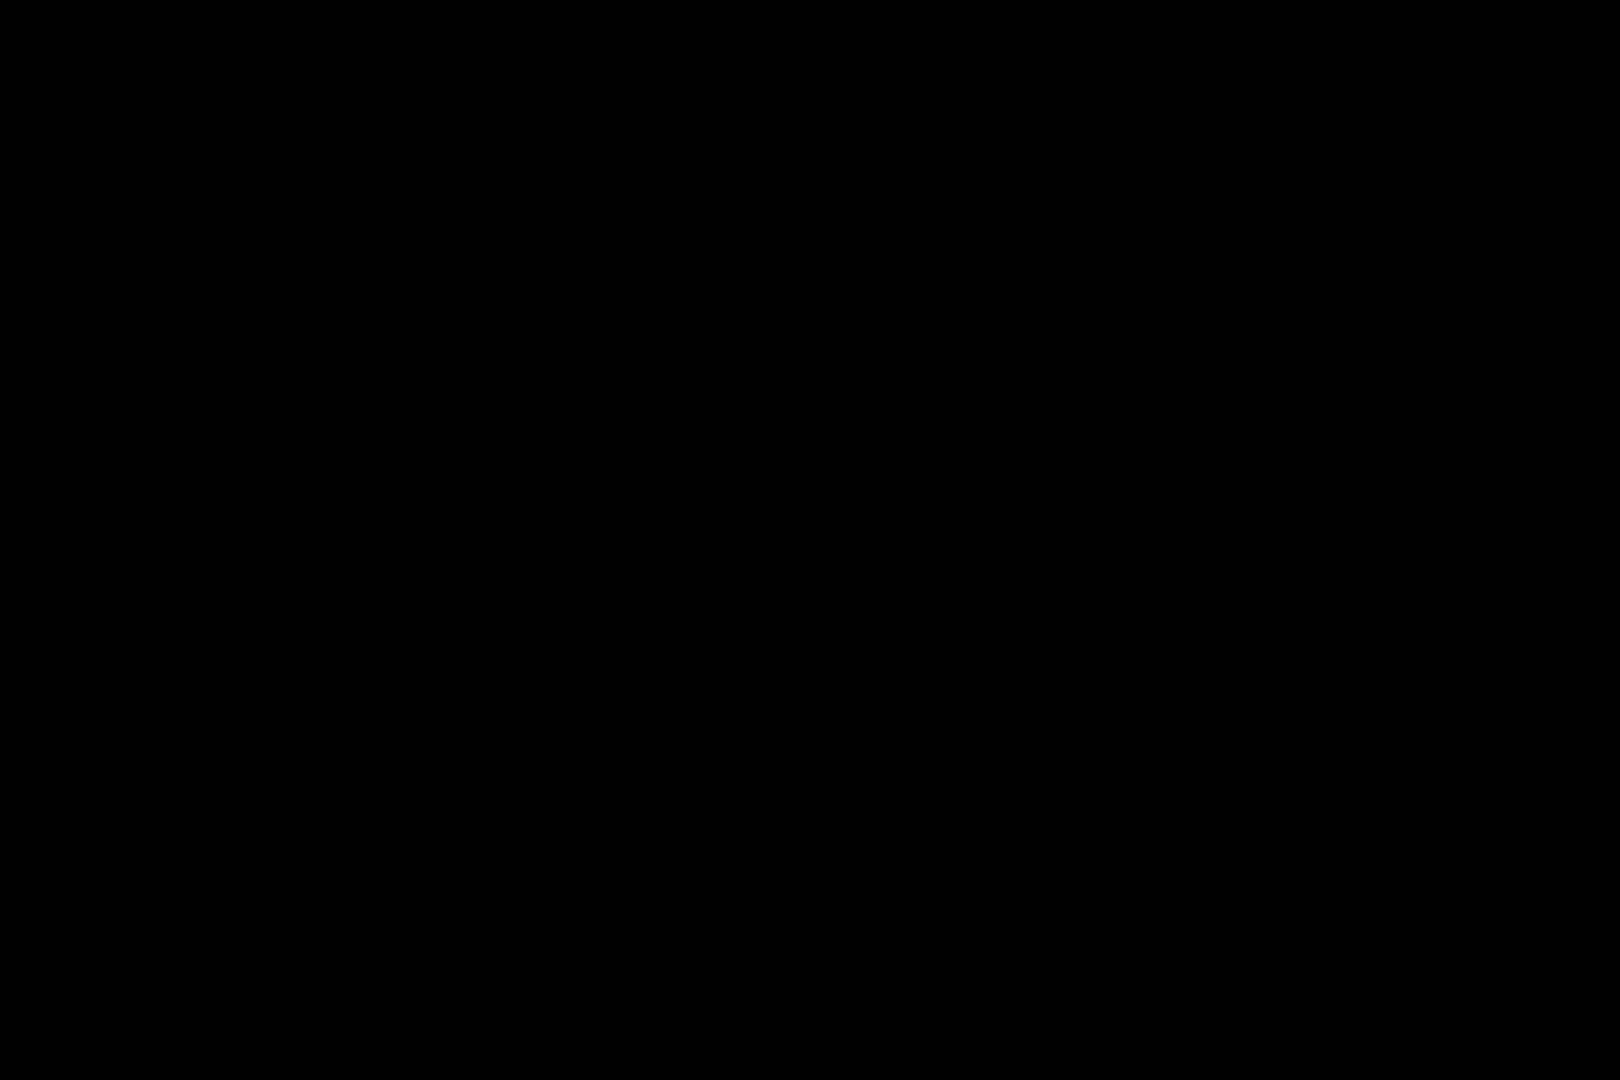 三ツ星シリーズ 魅惑のMemorial Night!! vol.04 フェラ ゲイ素人エロ画像 87枚 3